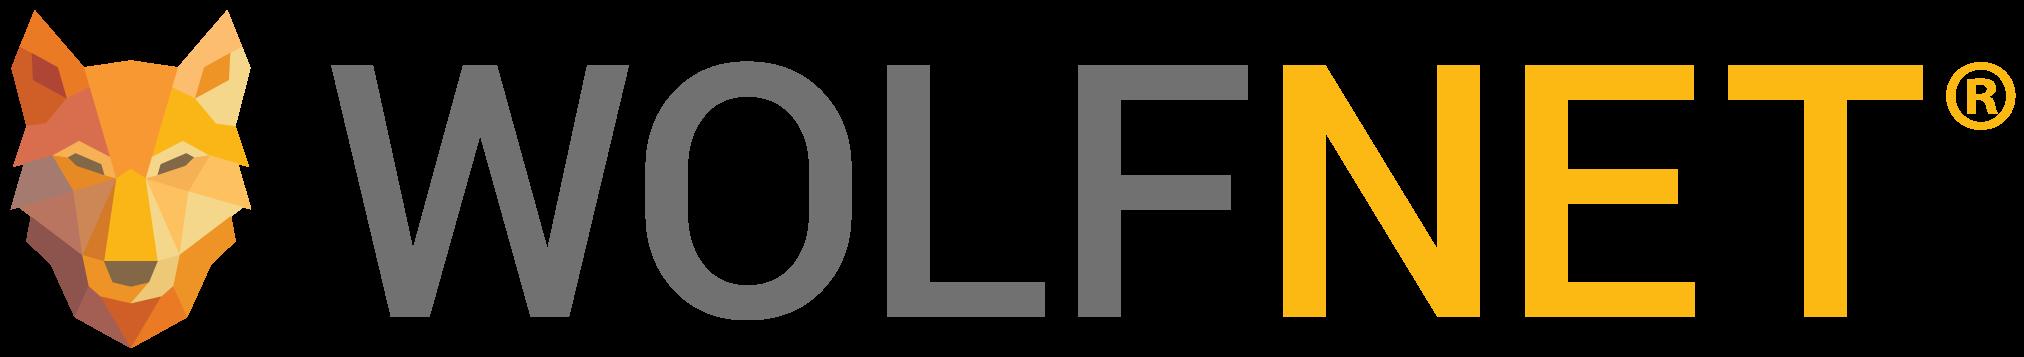 wolfnet tech roundup